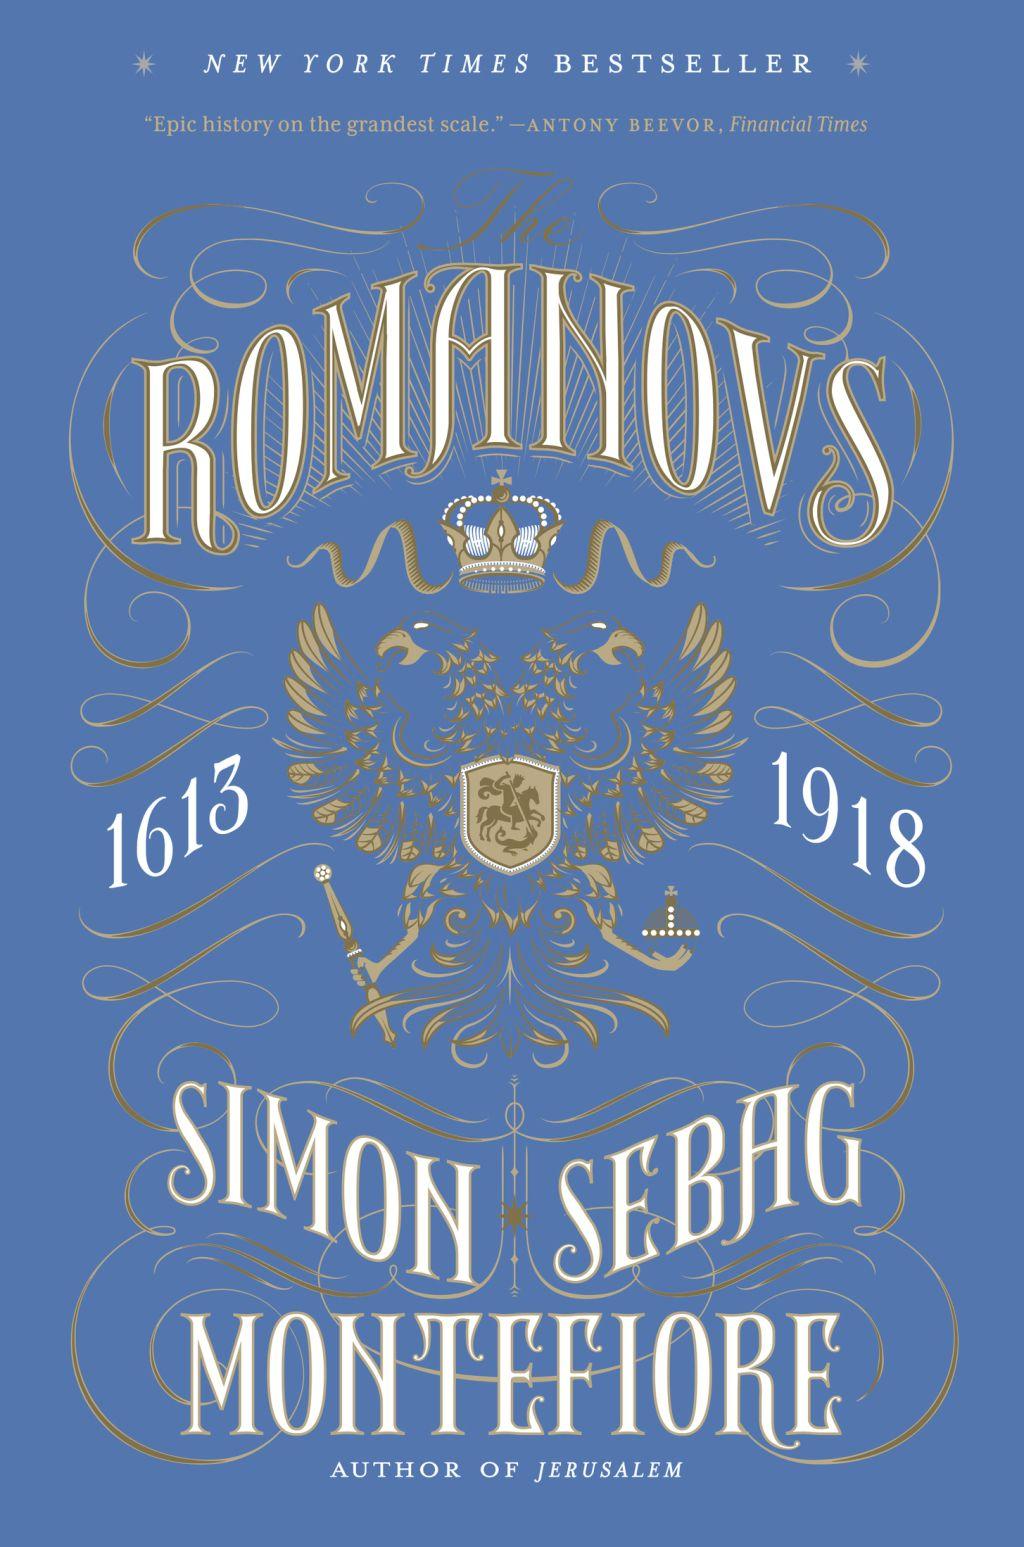 Simon Sebag Montefiore eBooks - eBooks.com